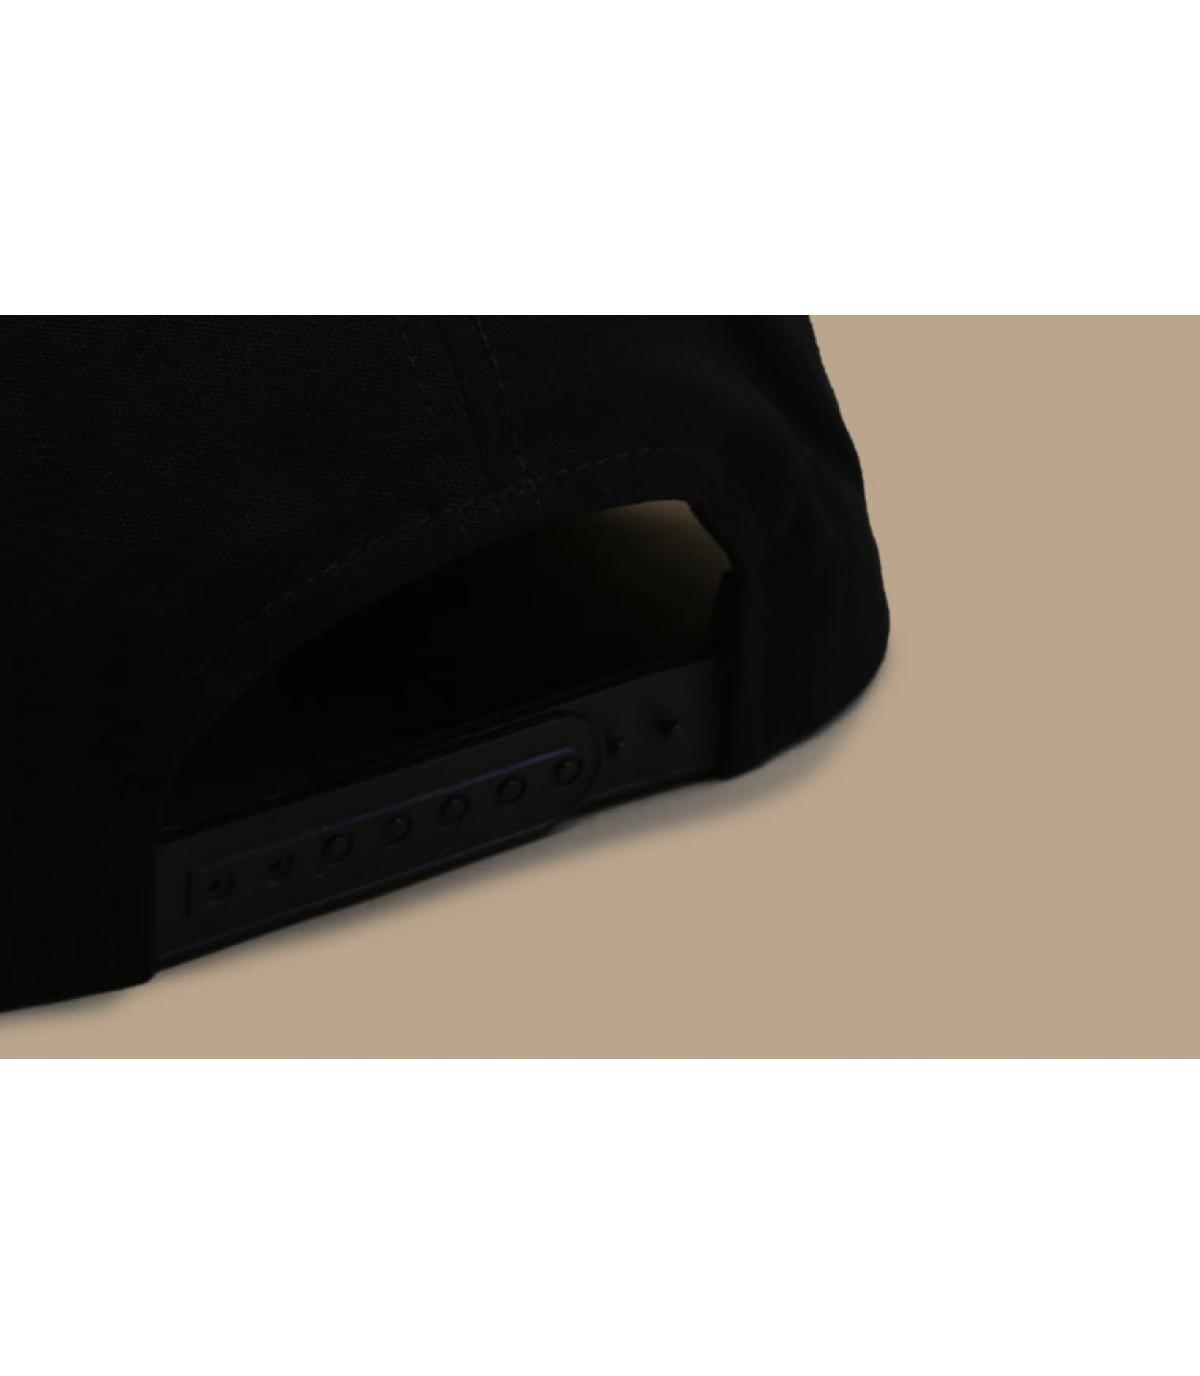 Details Quarter Fabric blackout - afbeeling 5